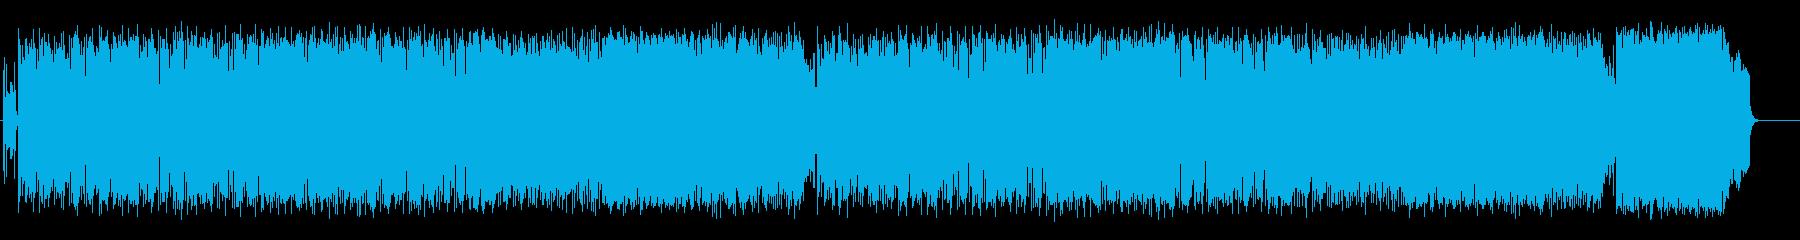 ワクワクする明るいポップ(フルサイズ)の再生済みの波形